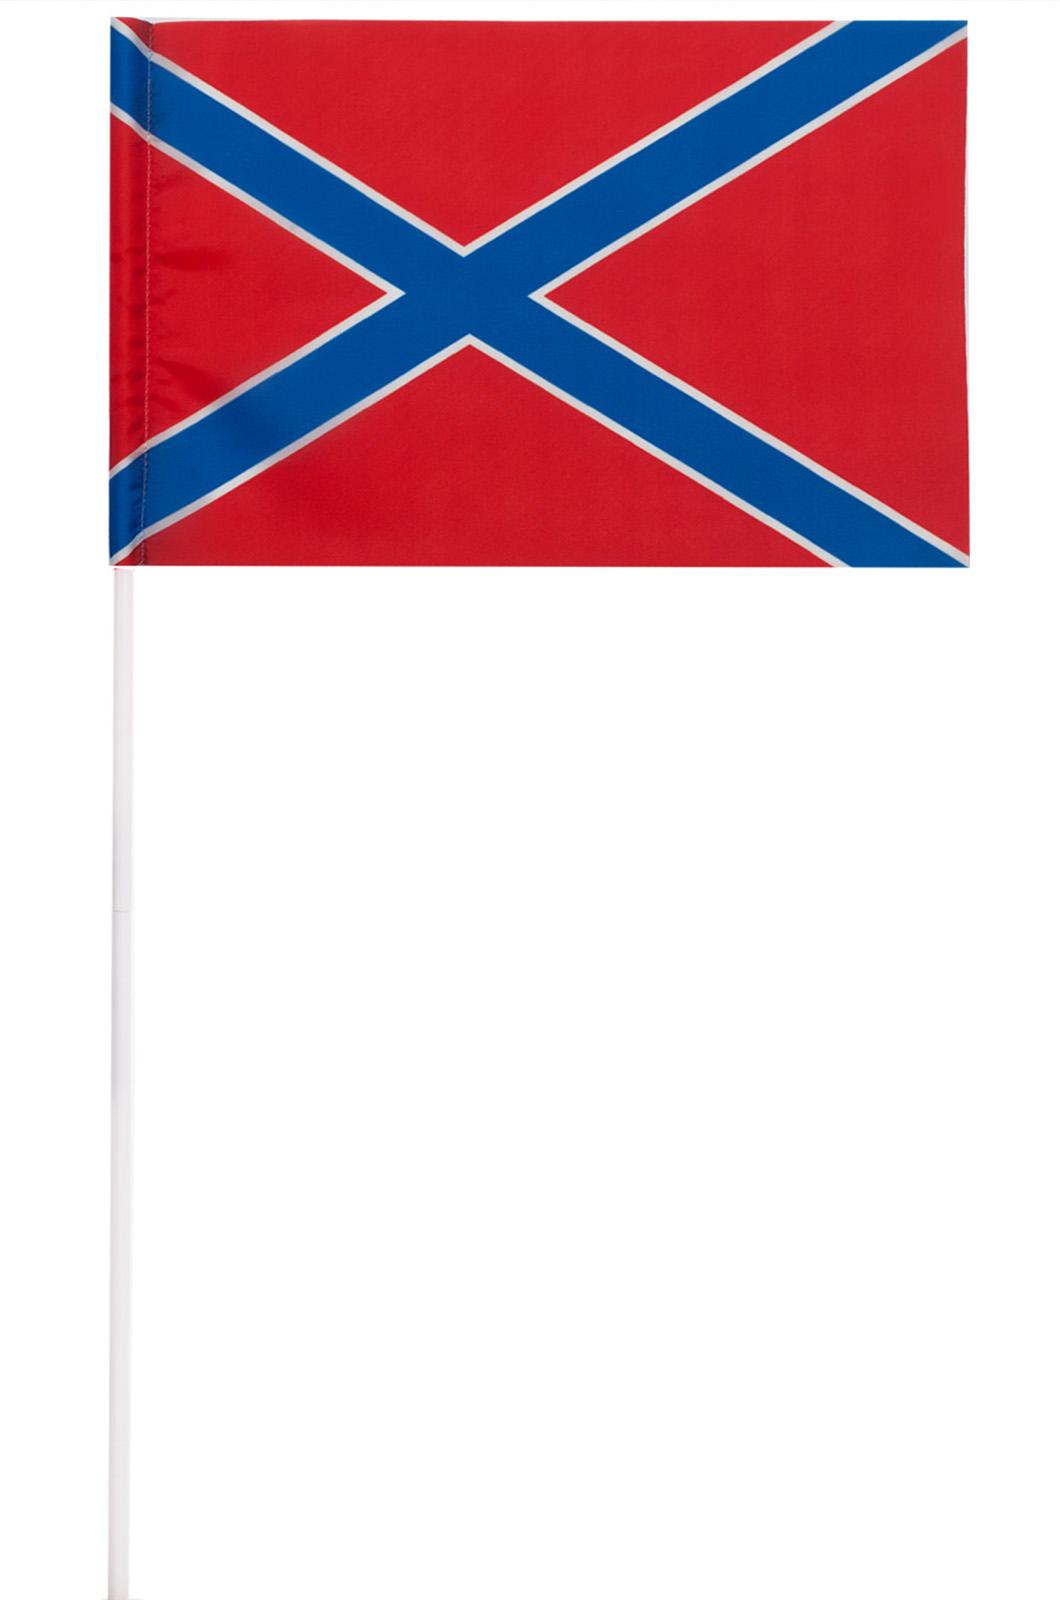 Купить флажок Республики Новороссия в качестве махательного флажка